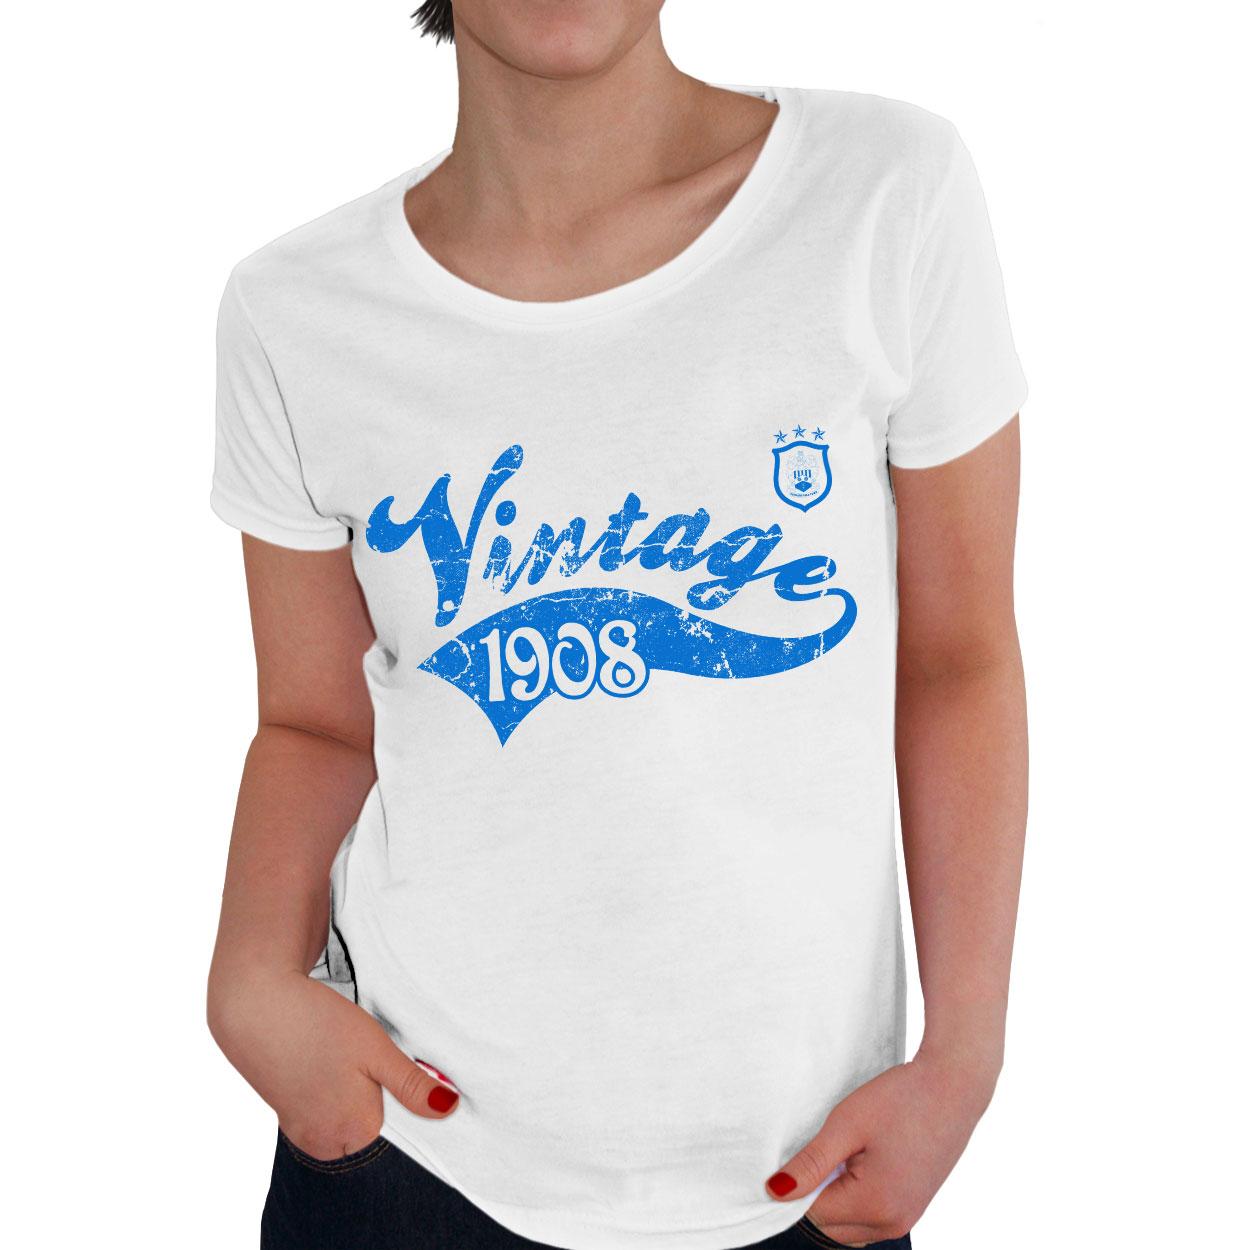 Huddersfield Town Ladies Vintage T-Shirt